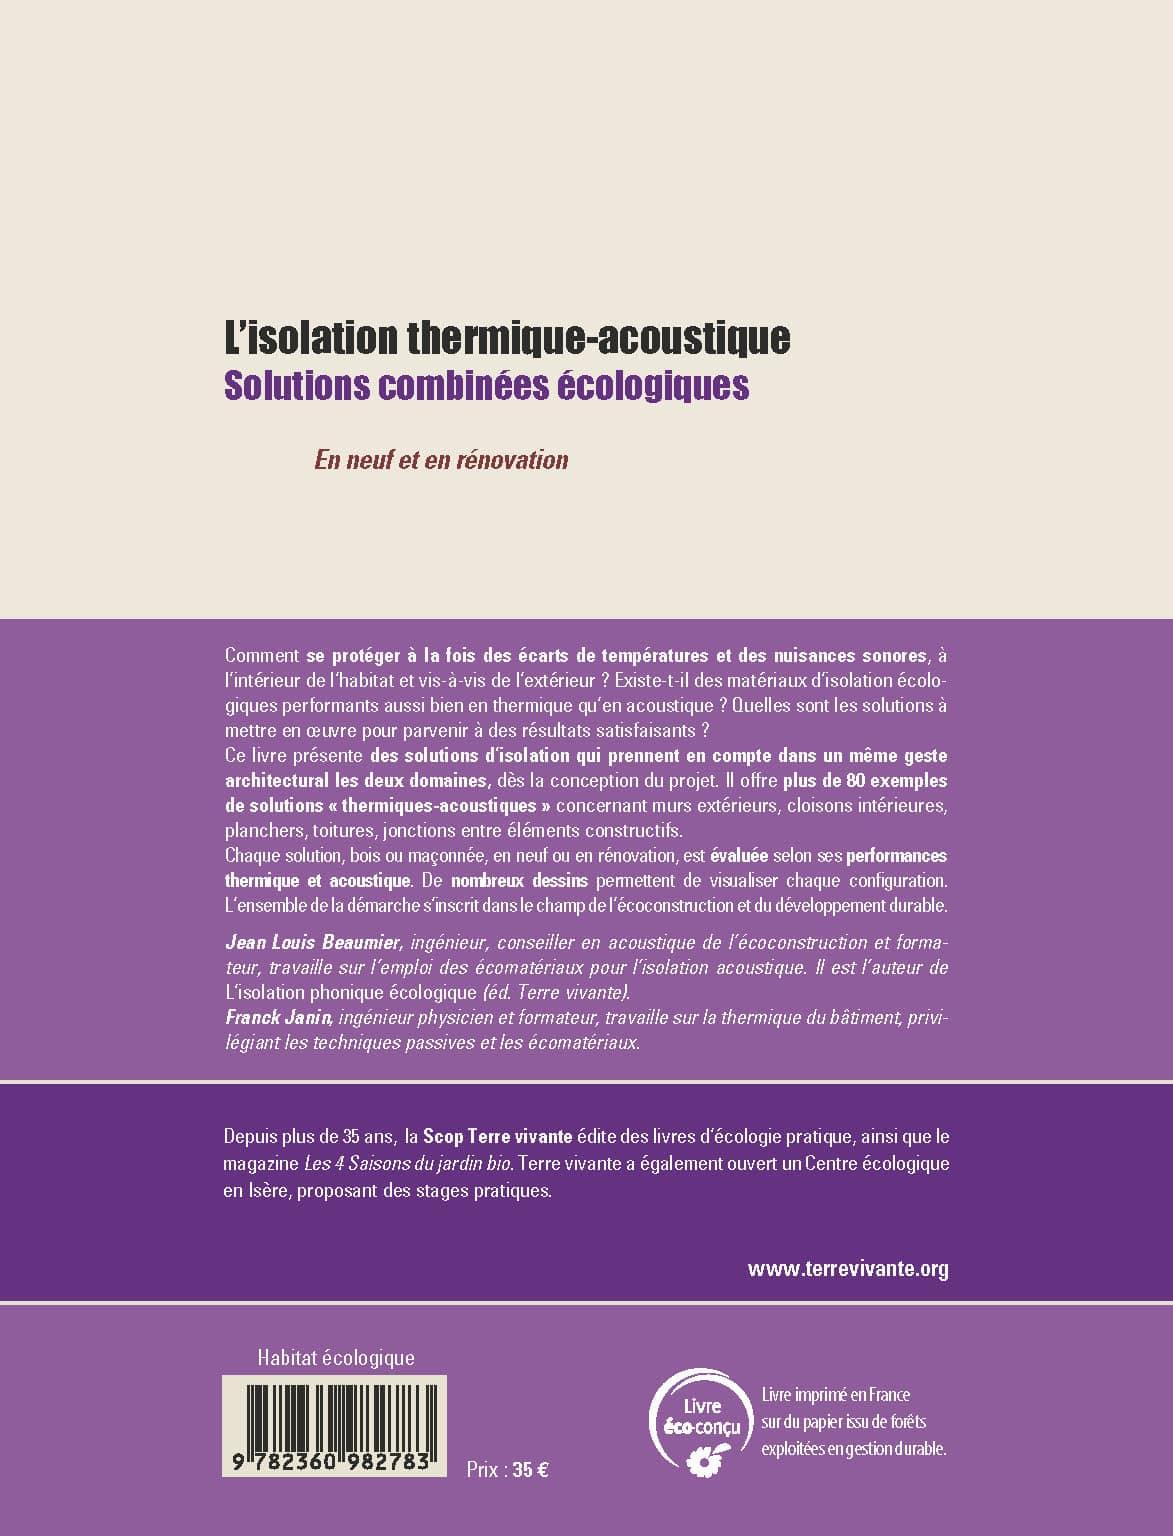 L'isolation thermique-acoustique 1